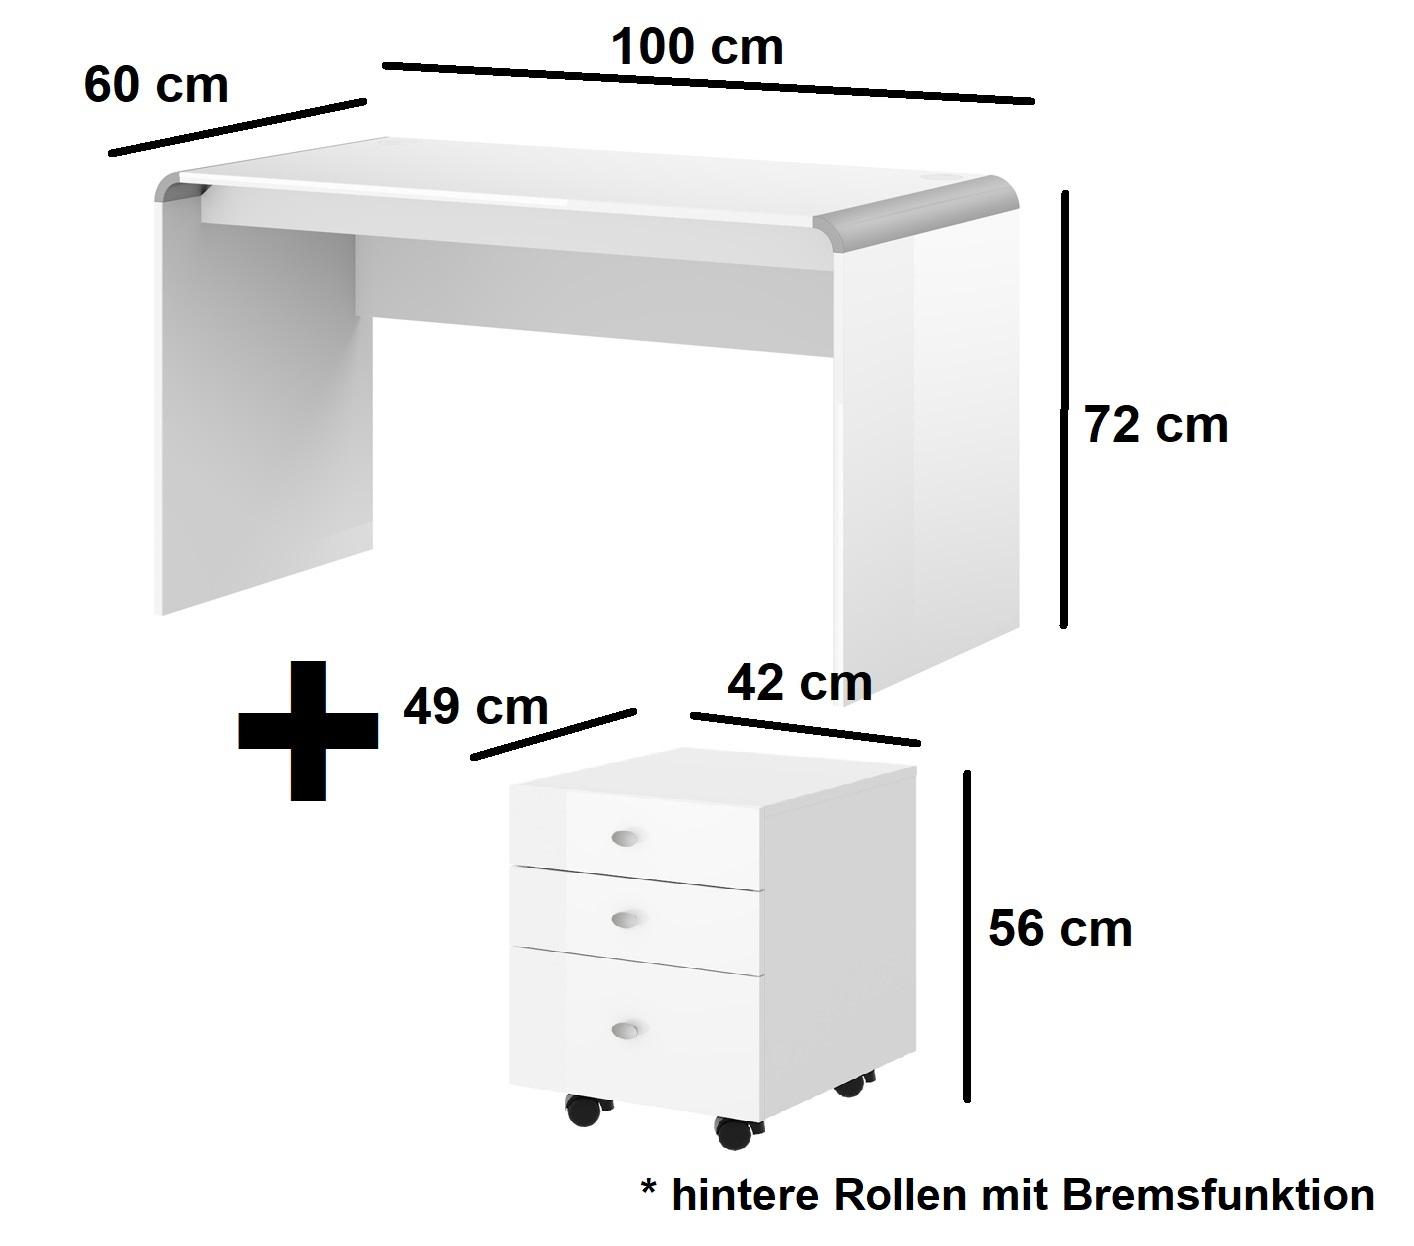 Schreibtisch HB-111 + Rollcontainer HN-555 Weiß Hochglanz